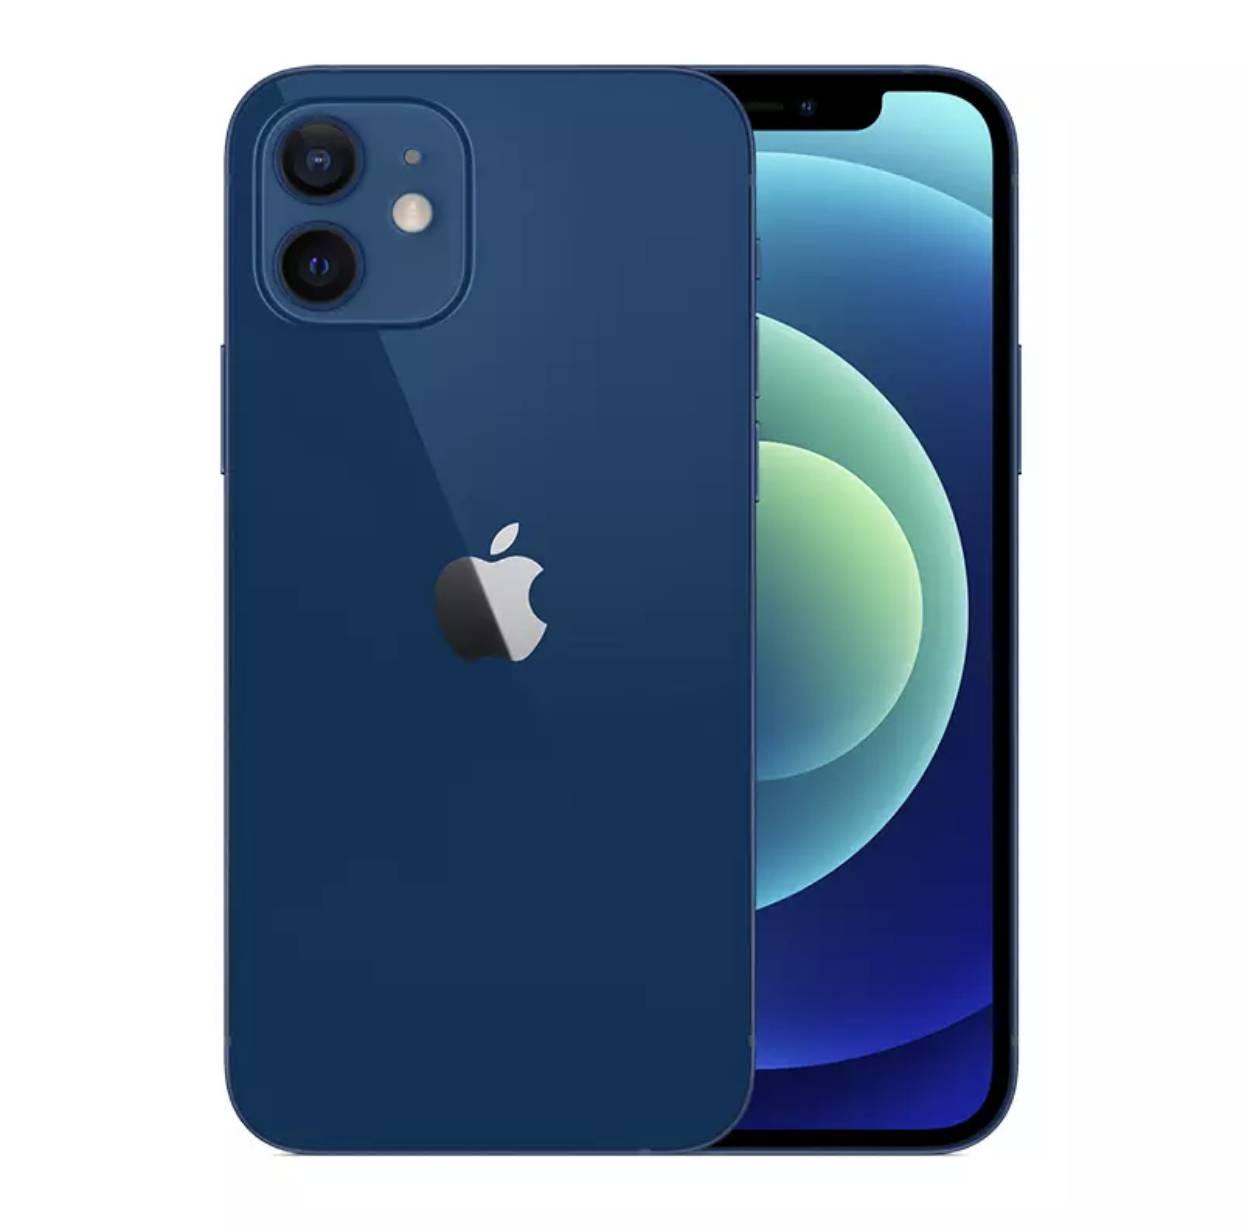 Apple/苹果 iPhone 12 全网通 5G智能手机 128GB    5699元包邮(双重优惠)